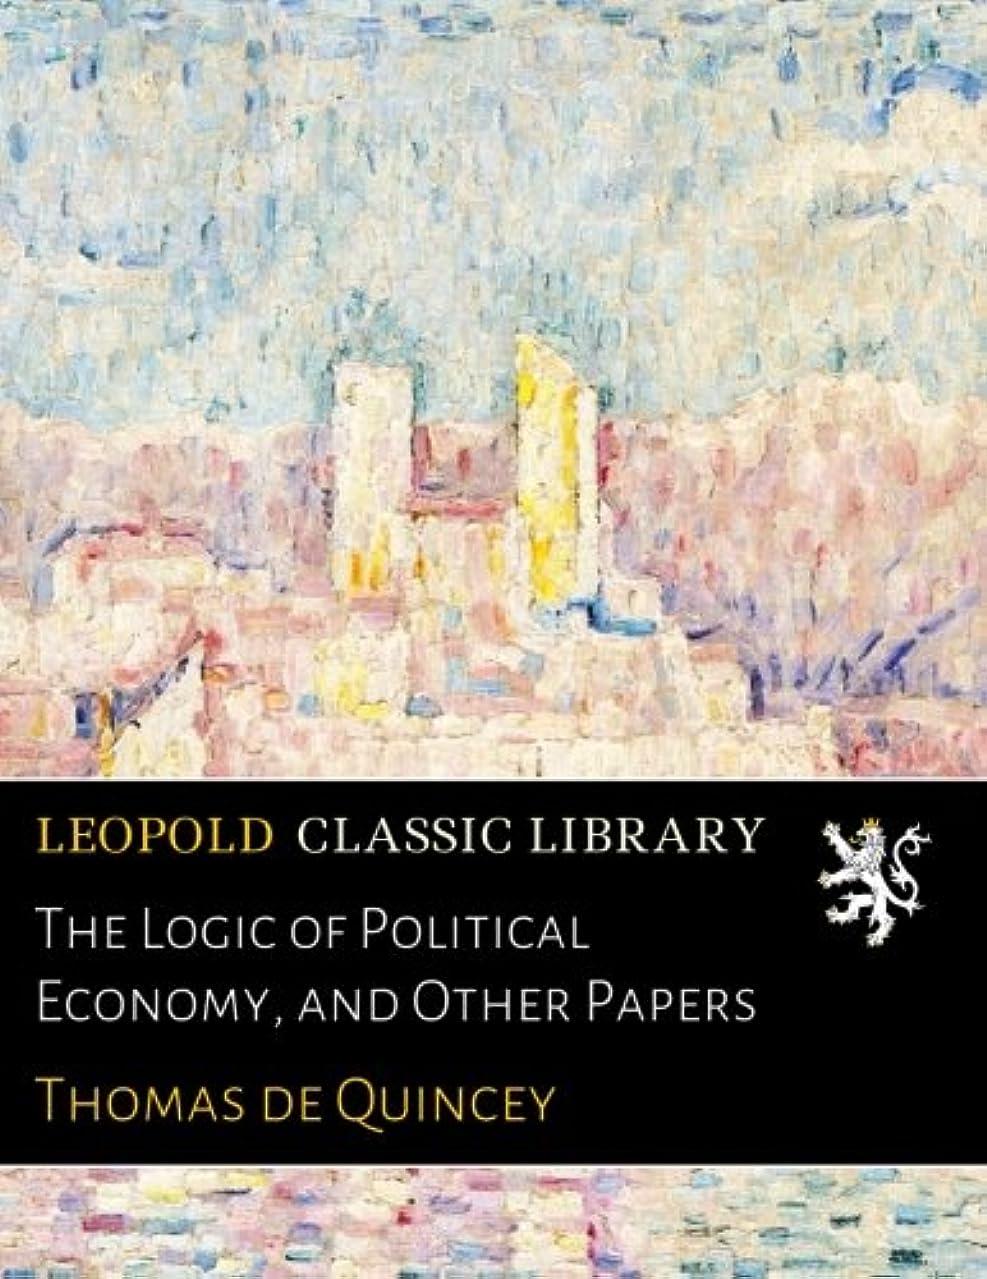 叫び声マウントバンク広々The Logic of Political Economy, and Other Papers